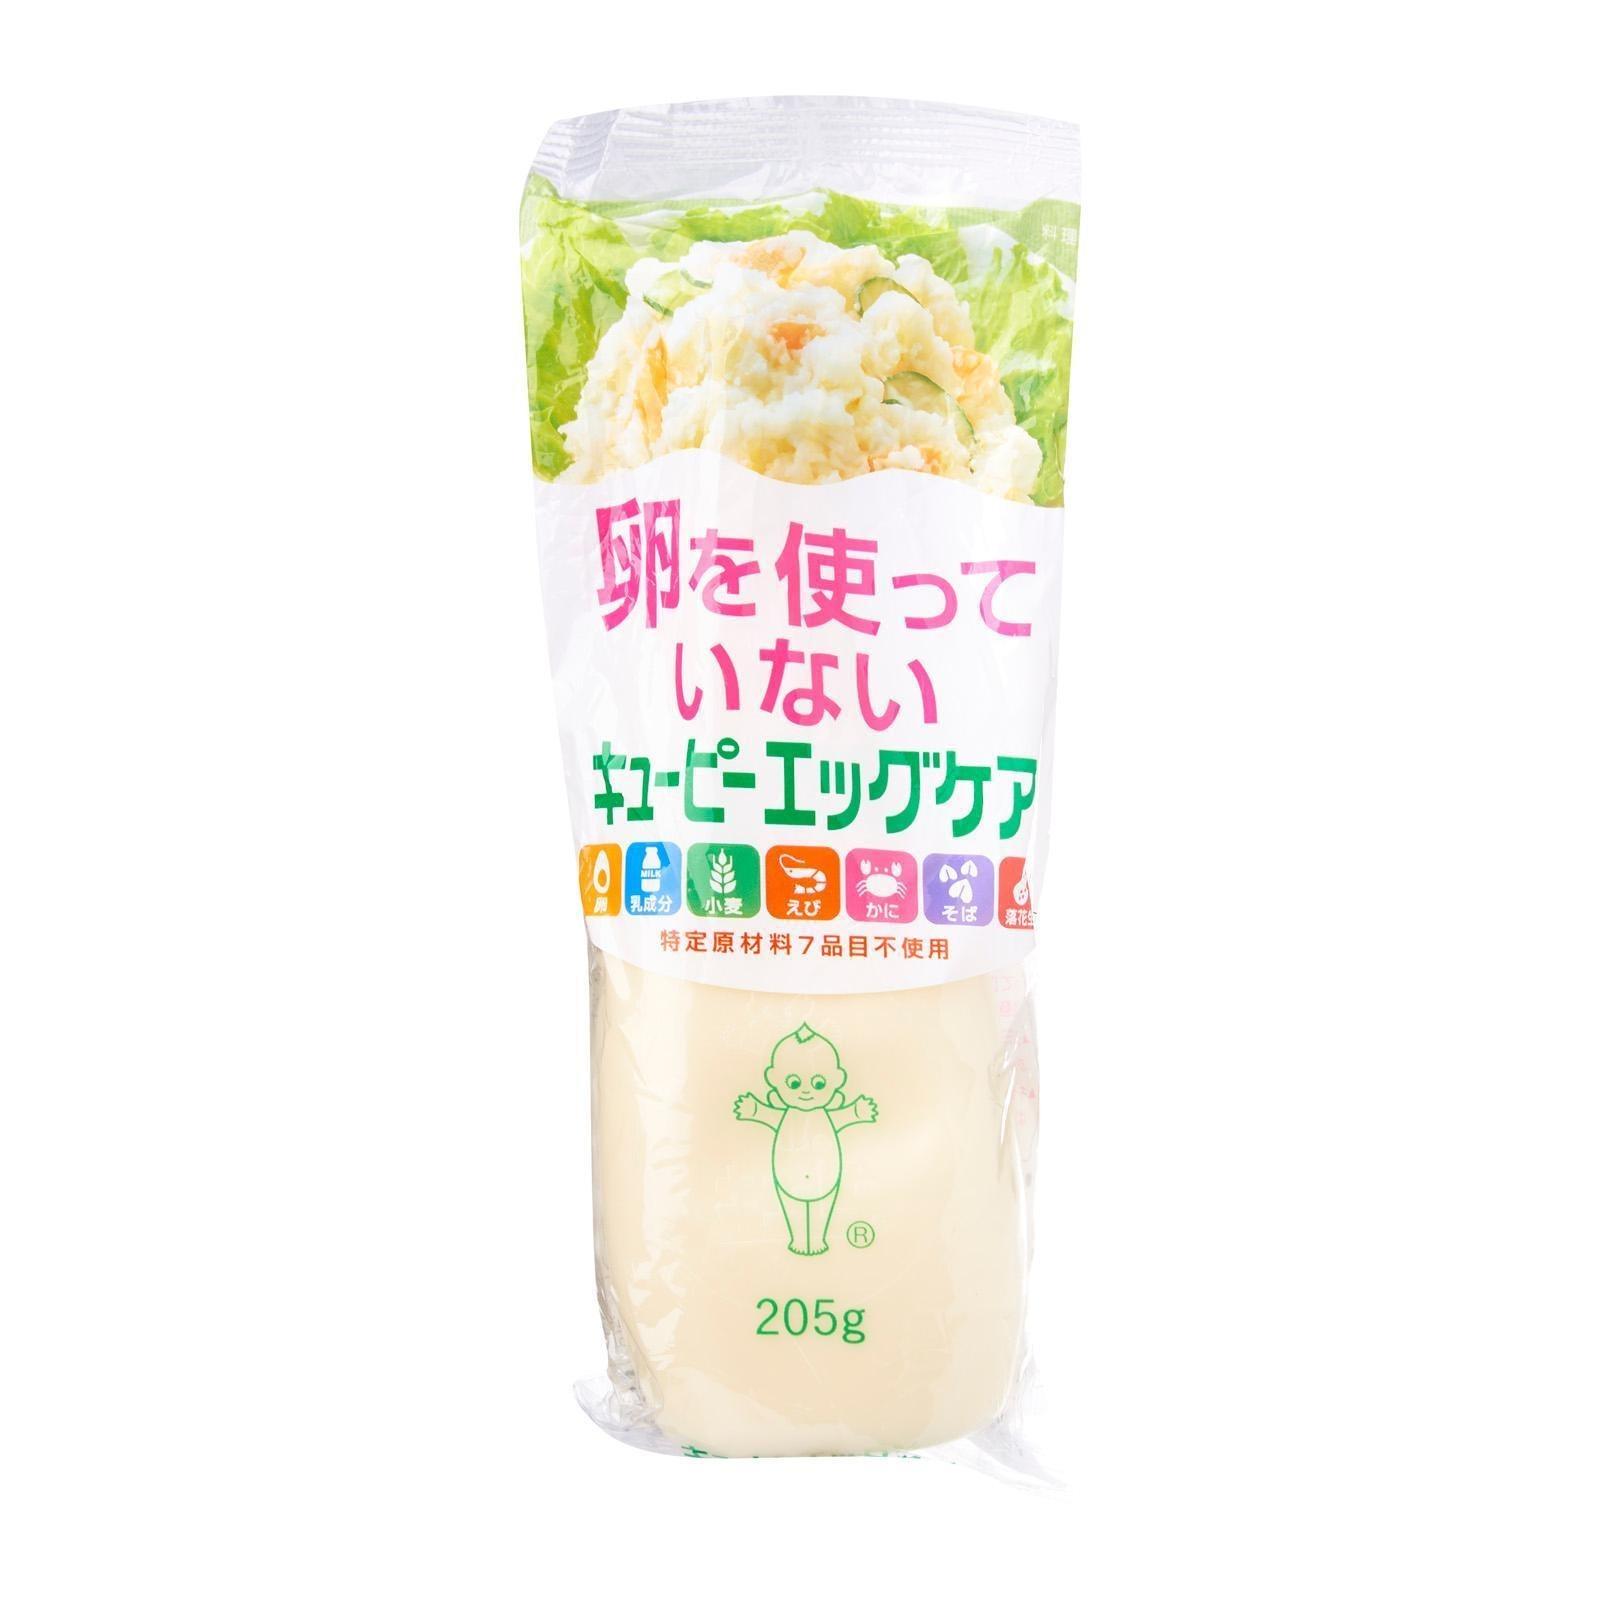 Kewpie Kewpie Allergy Clear! Egg-Free Delicous Japanese Mayo